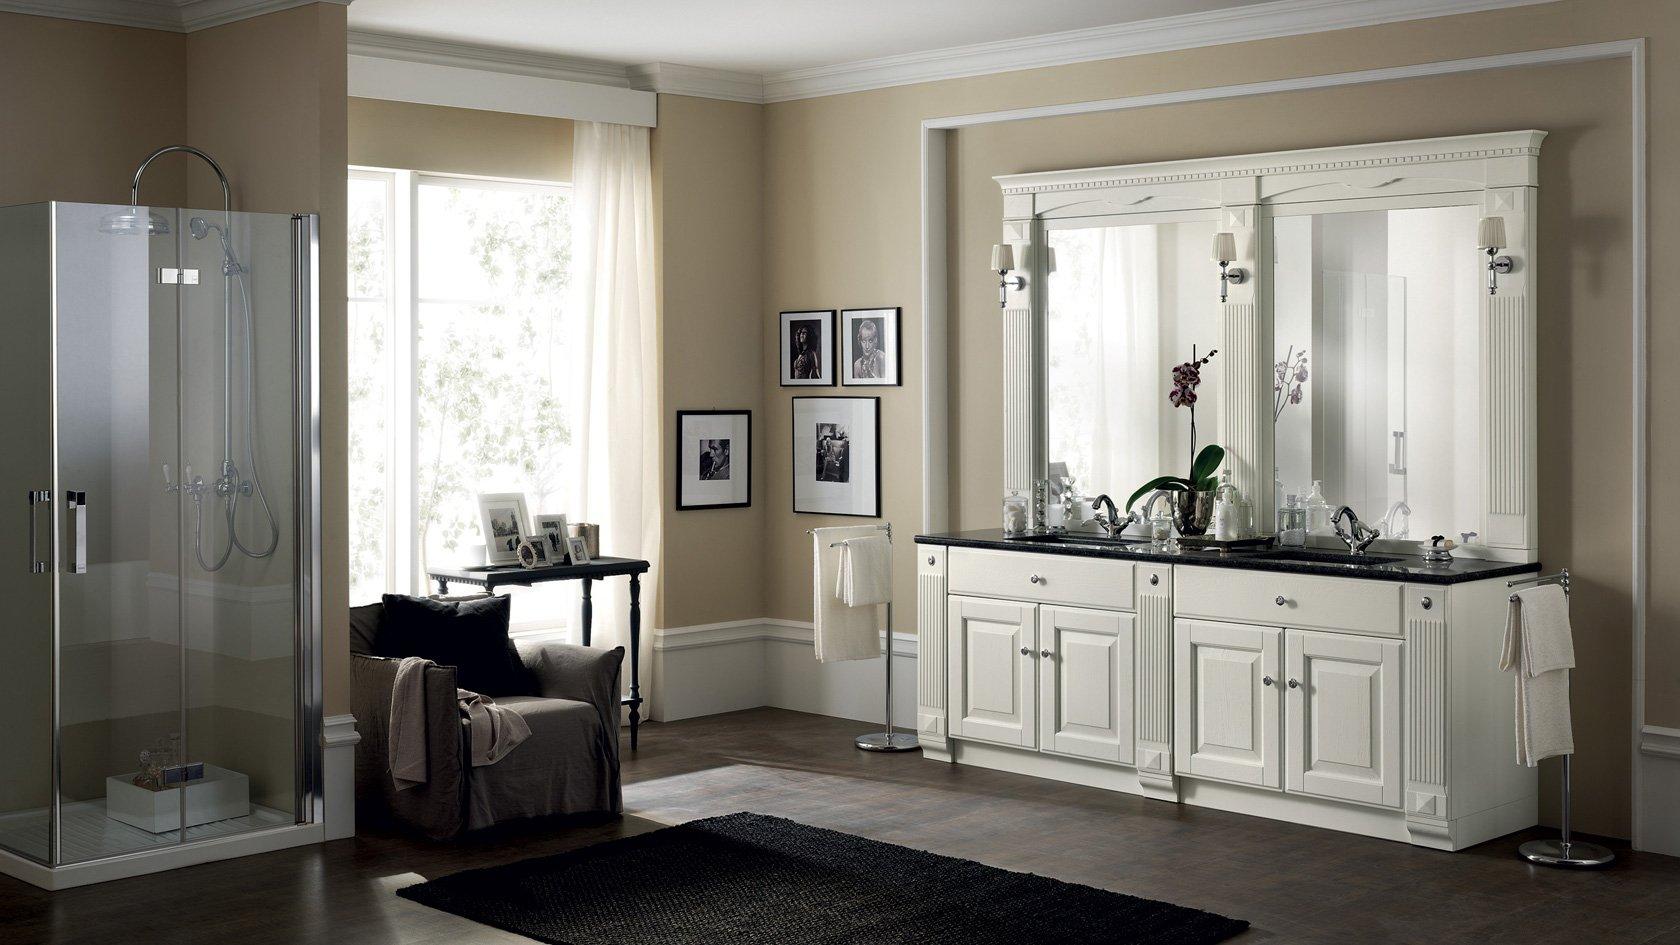 Arredo e mobili per il bagno bellizzi sa montella for Prisma arredo negozi